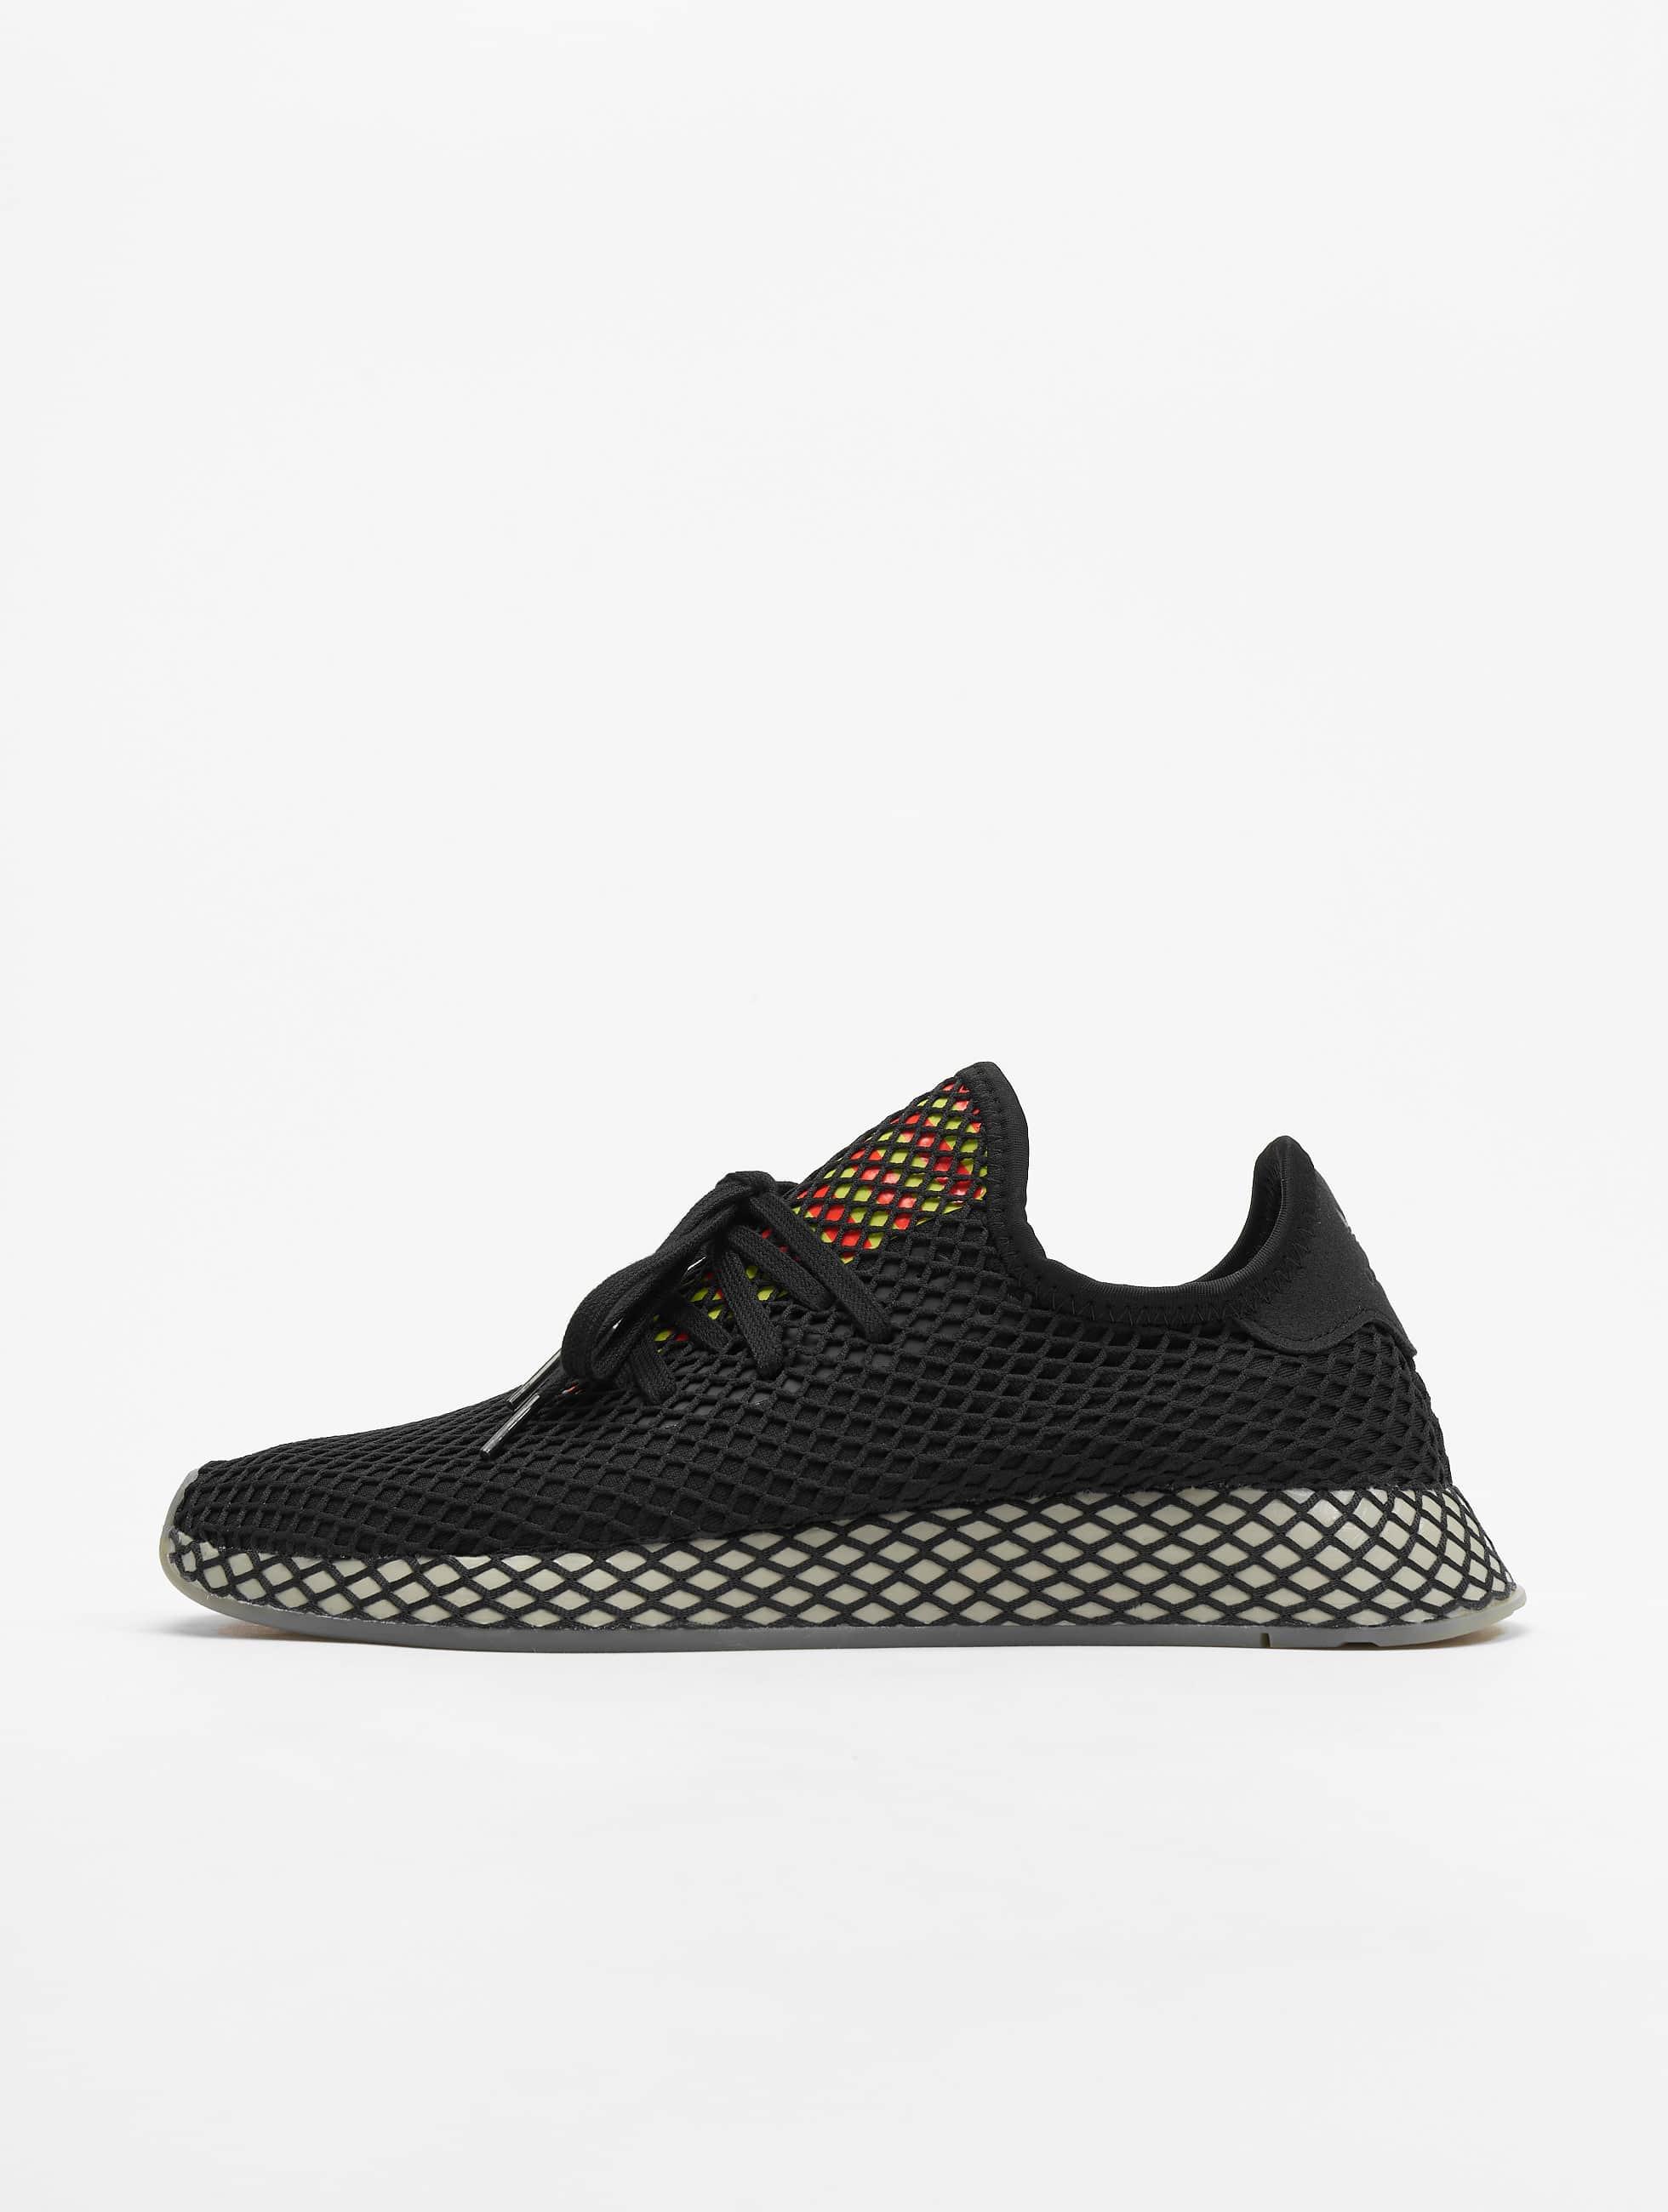 adidas Deerupt S Core Black Core Black Ftw White | Footshop